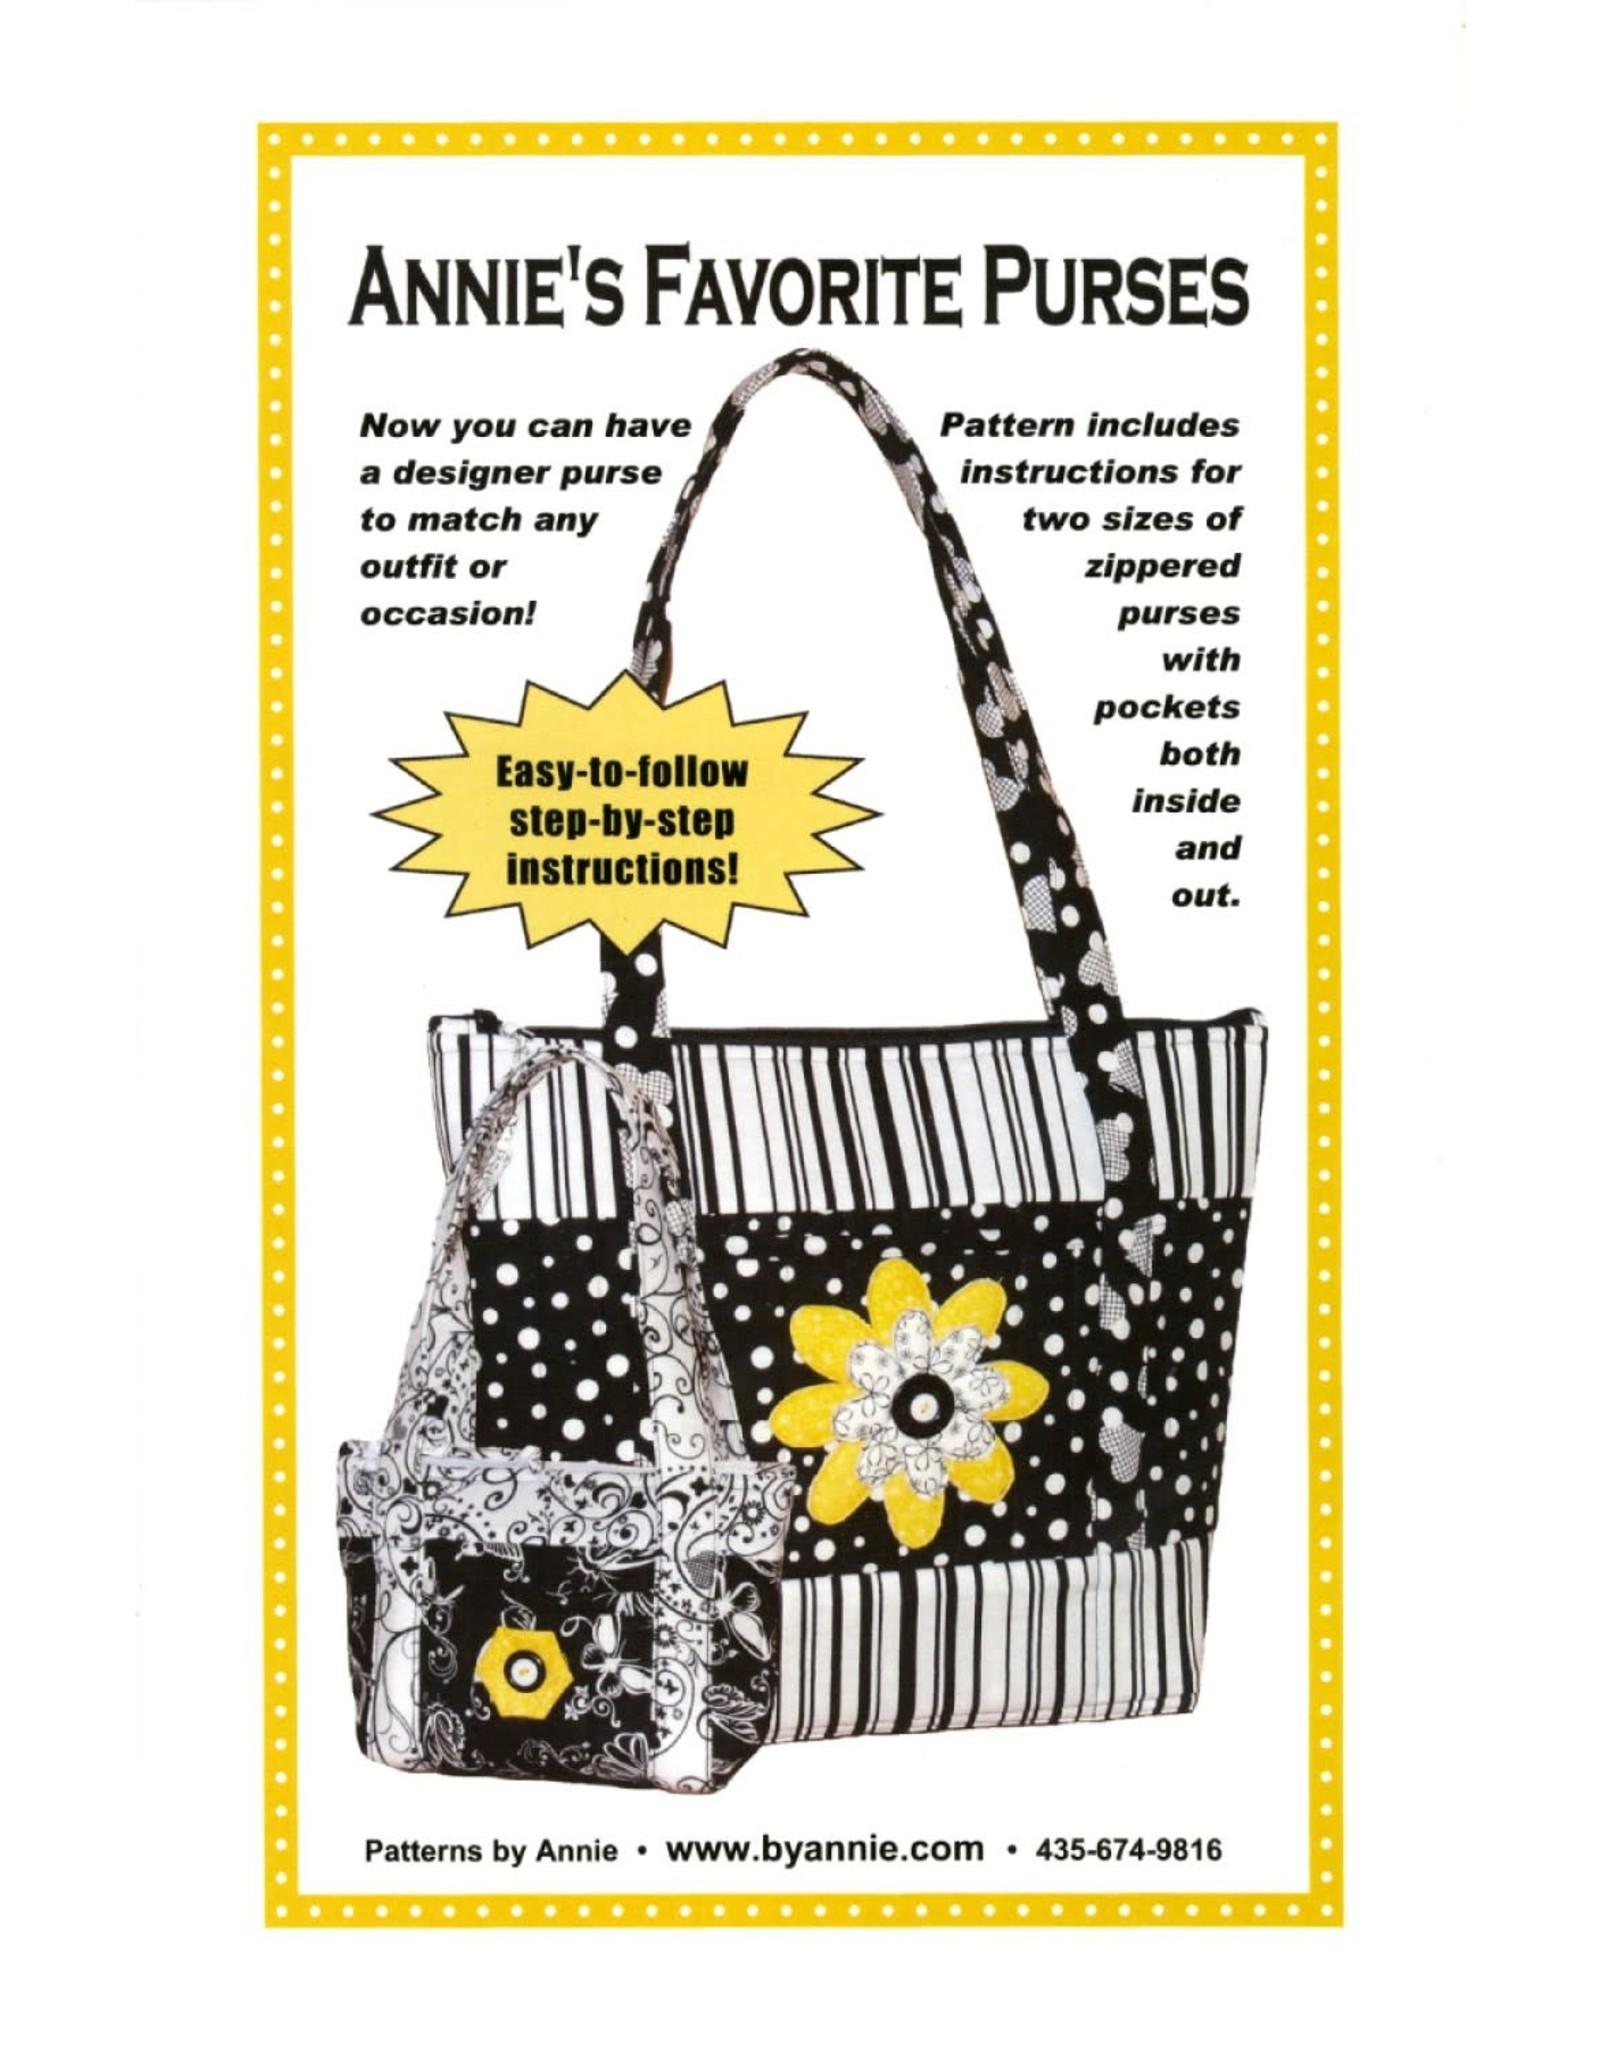 By Annie Annie's Favorite Purses - by Annie